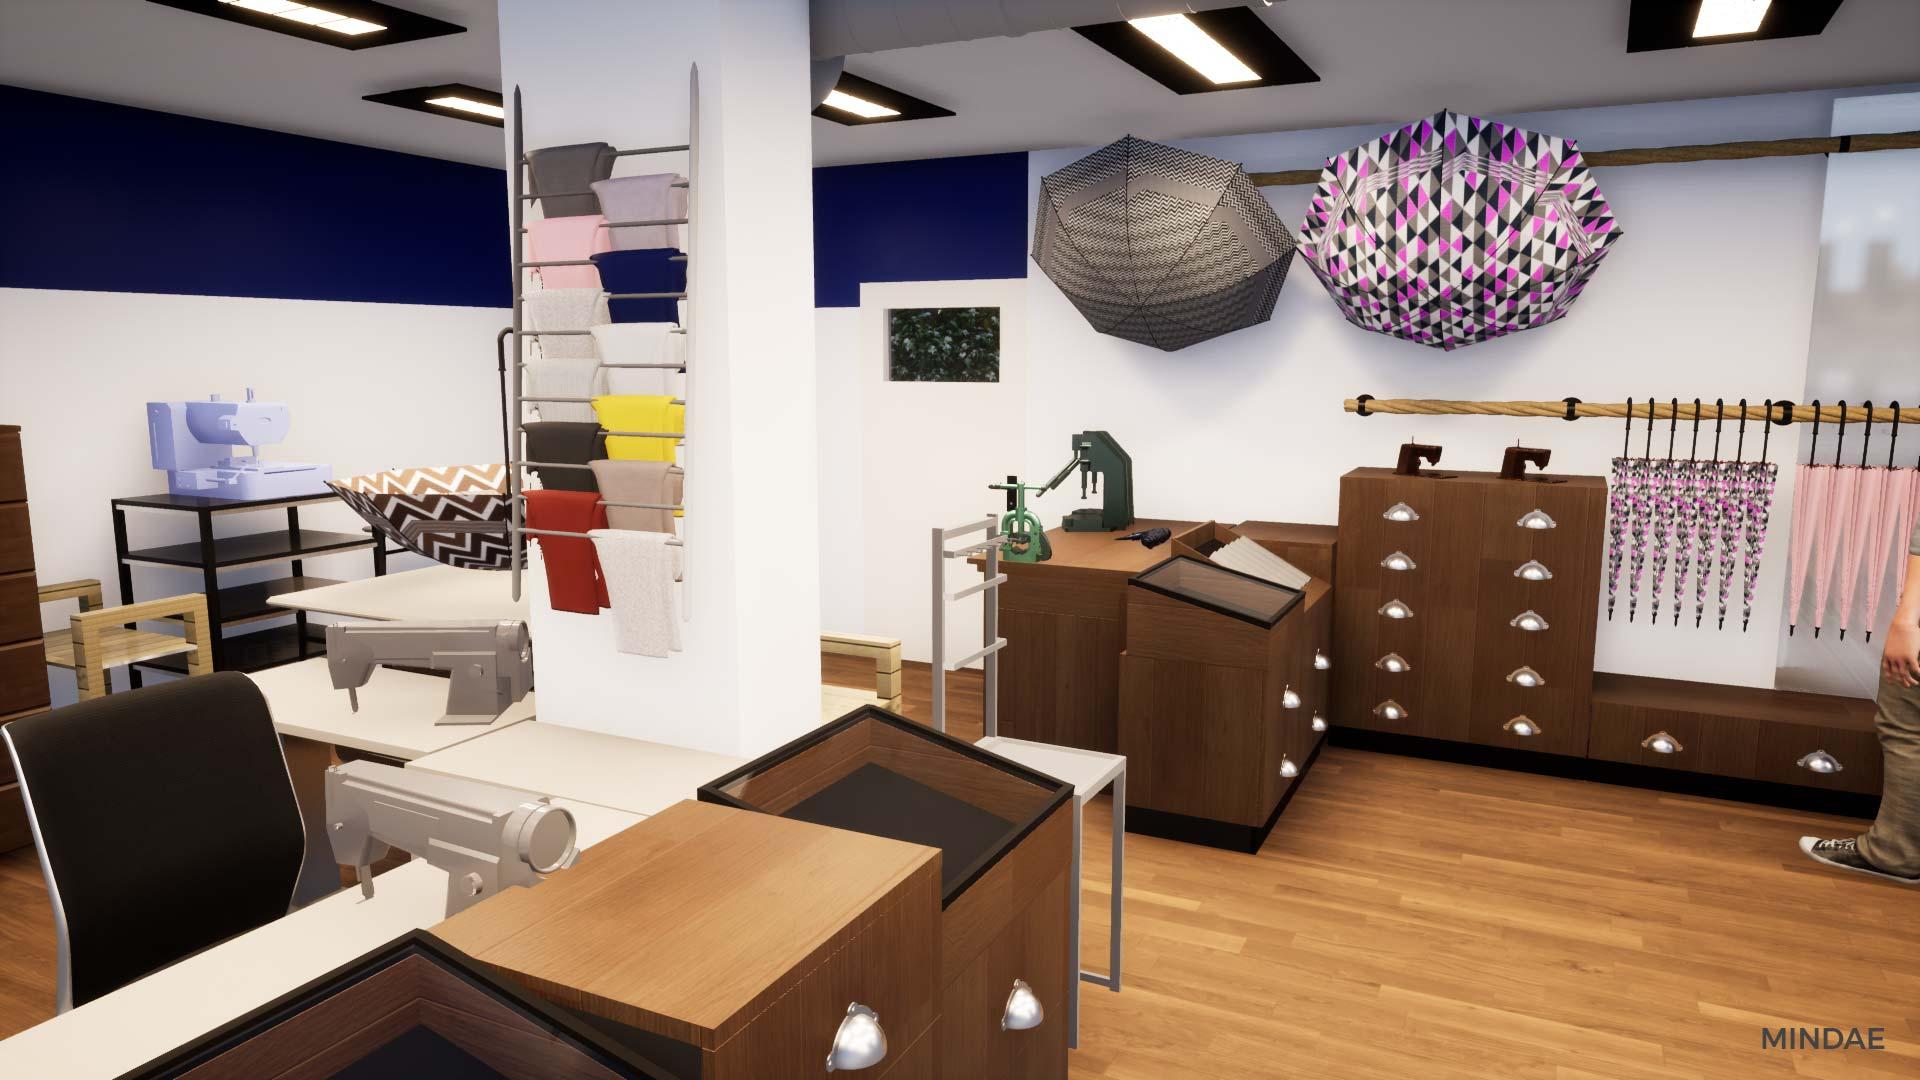 Mindae_3D_h2o_parapluies_crepon_creully_agencement_boutique_projet-(7)